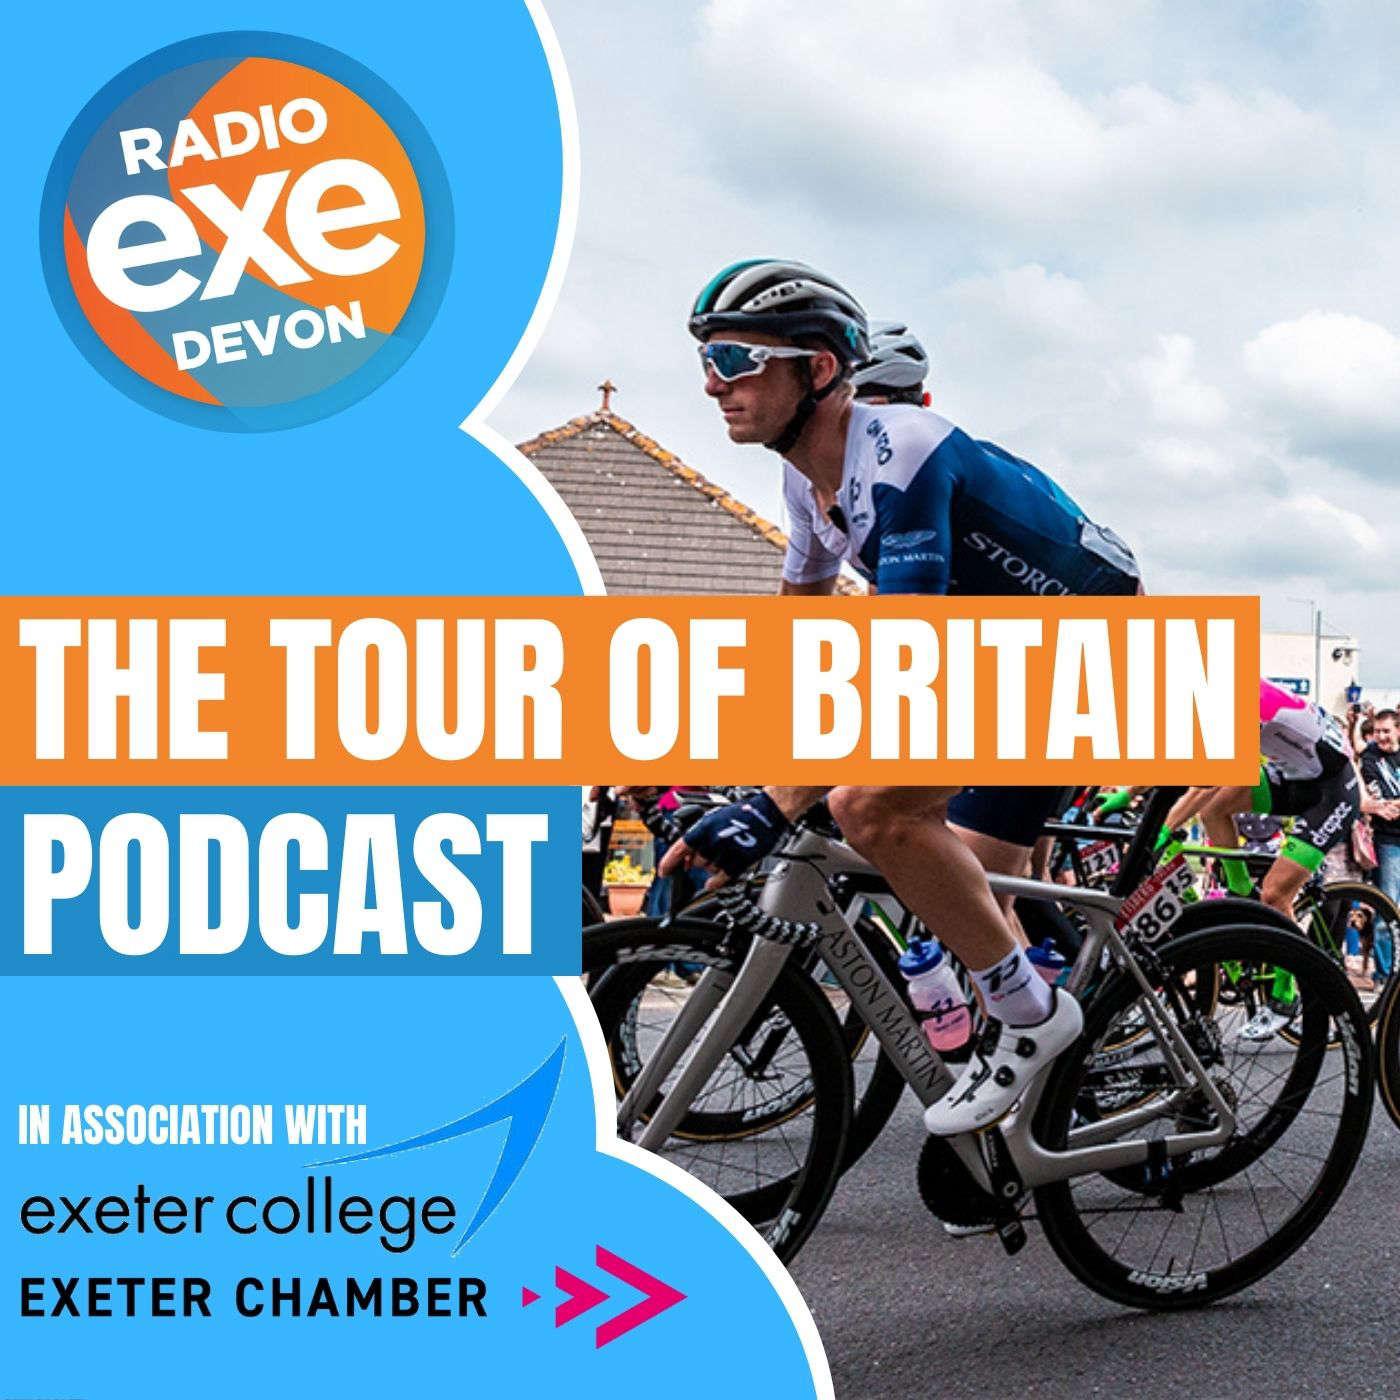 The Tour of Britain in Devon